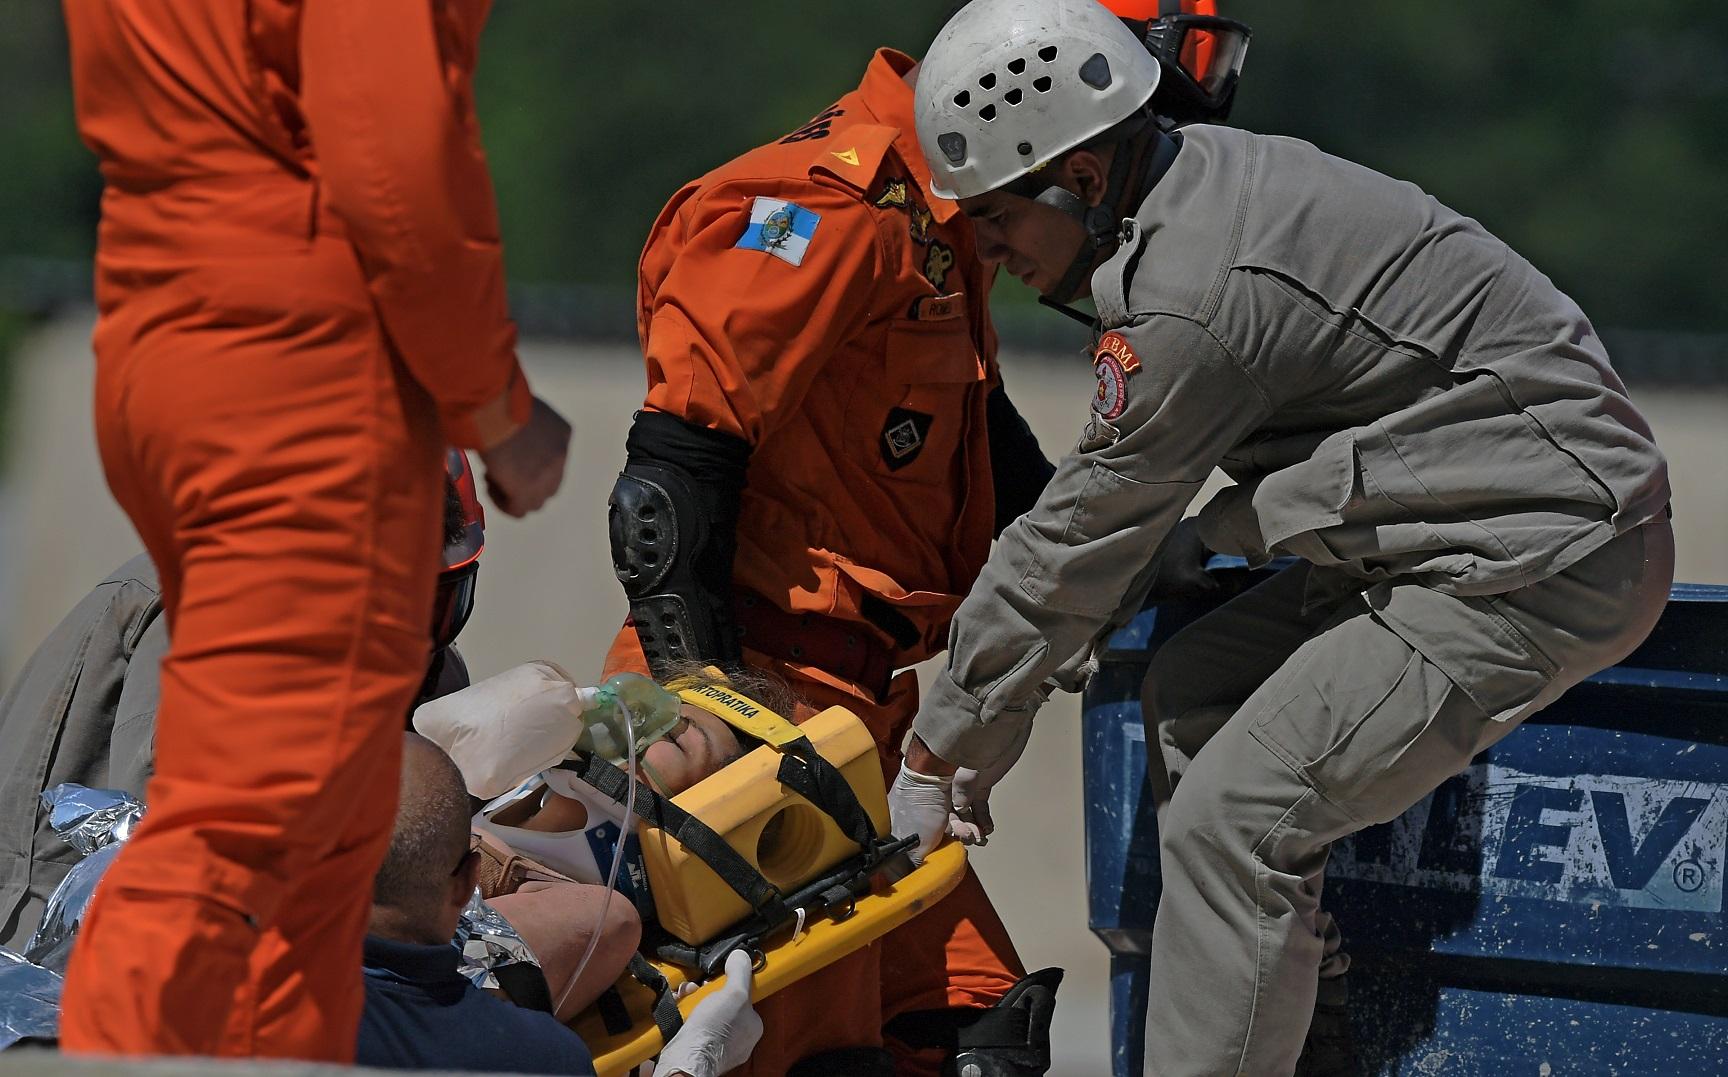 O resgate das vítimas na tragédia da comunidade do Muzema, na Zona Oeste do Rio. Foto Carl de Souza/AFP